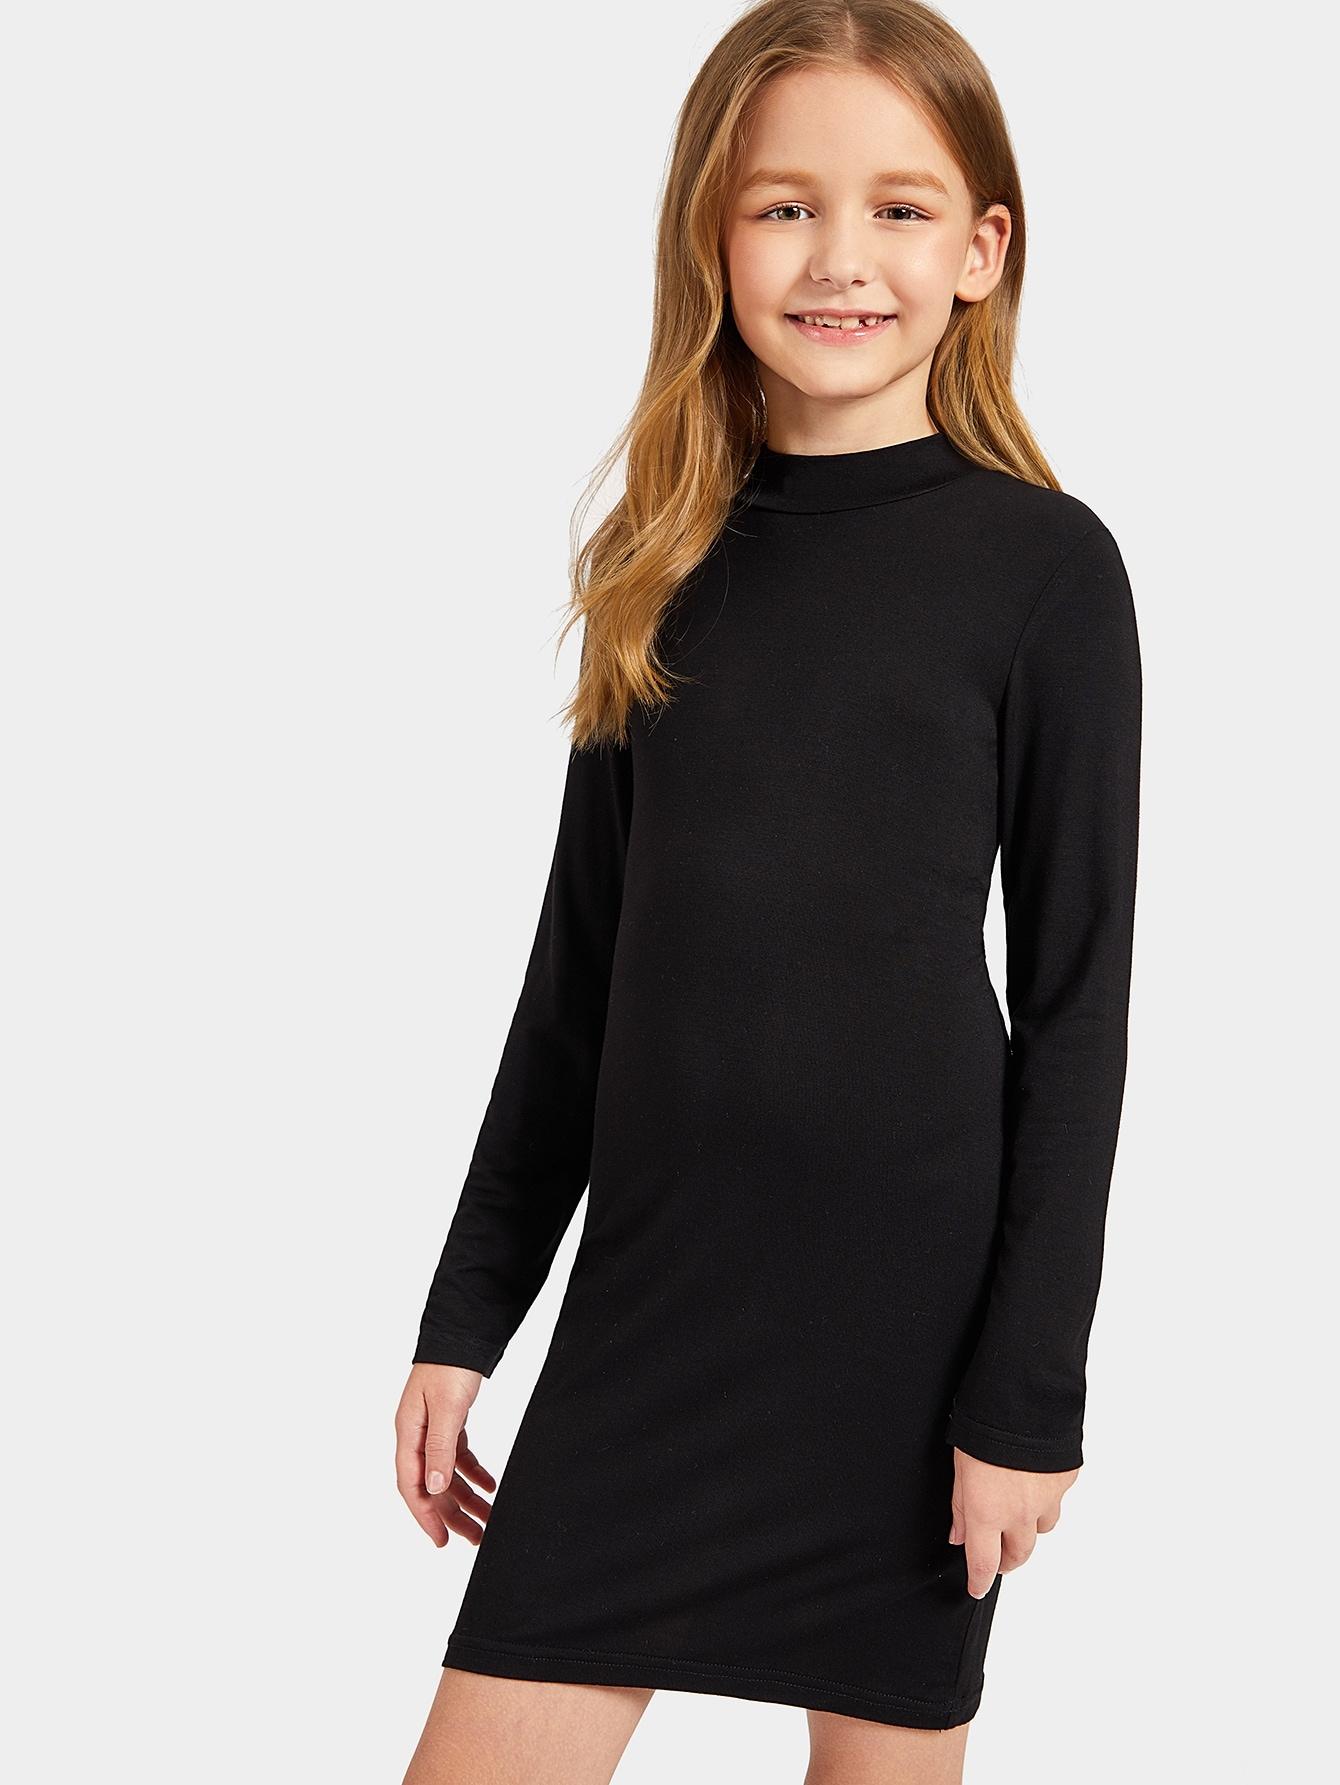 Купить Облегающее платье со стоячим вырезом для девочек, Dariab, SheIn